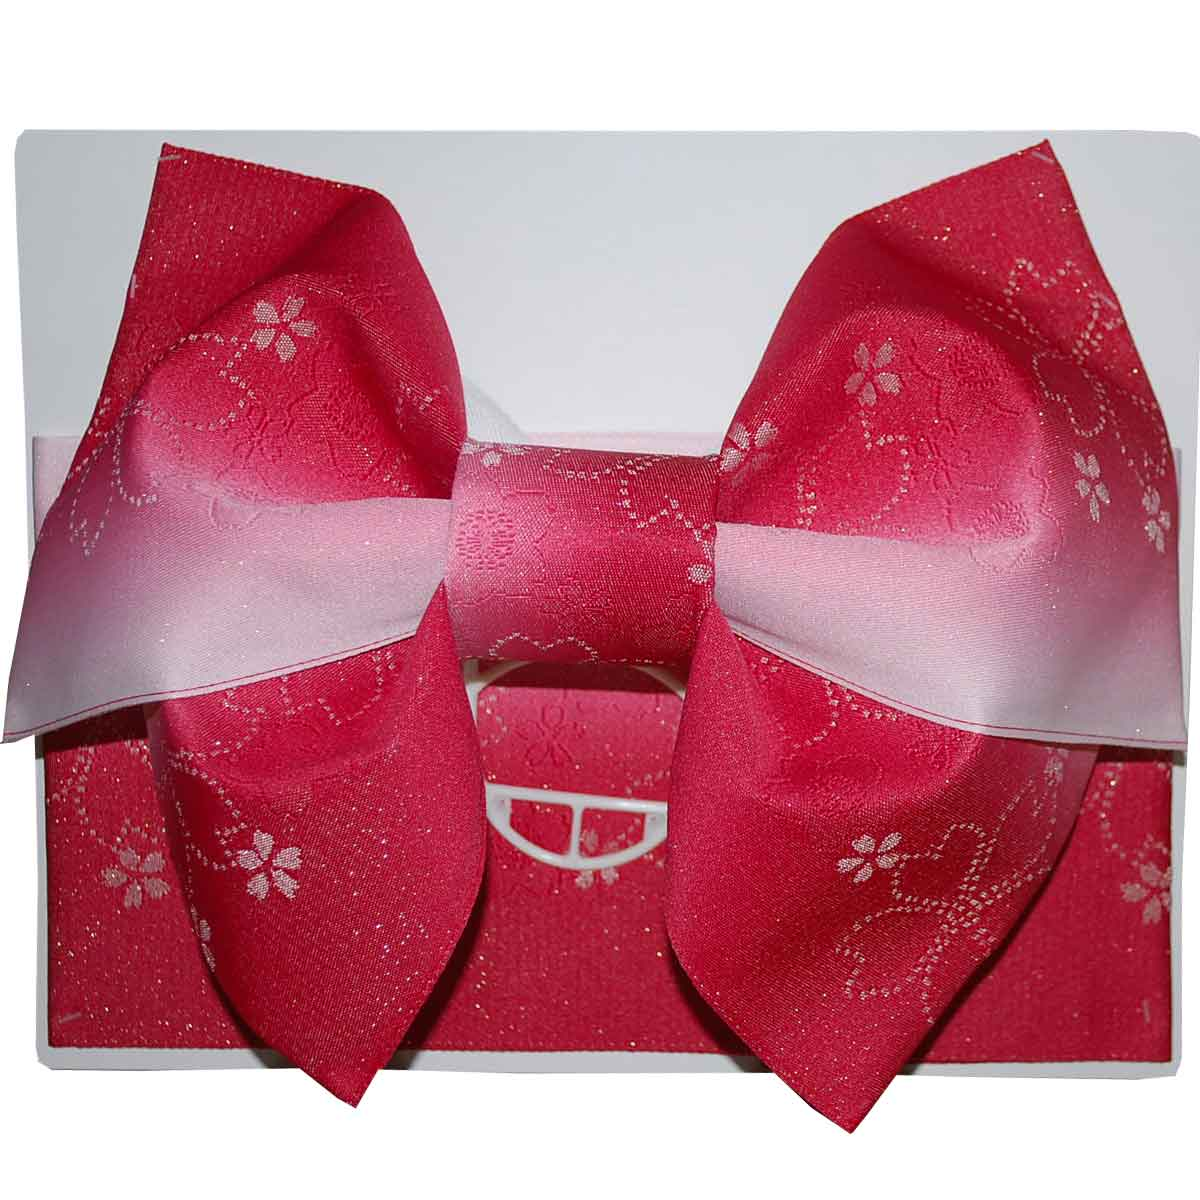 【日本製】簡単着付!グラデーション桜 浴衣 作り帯 結び帯 レッド